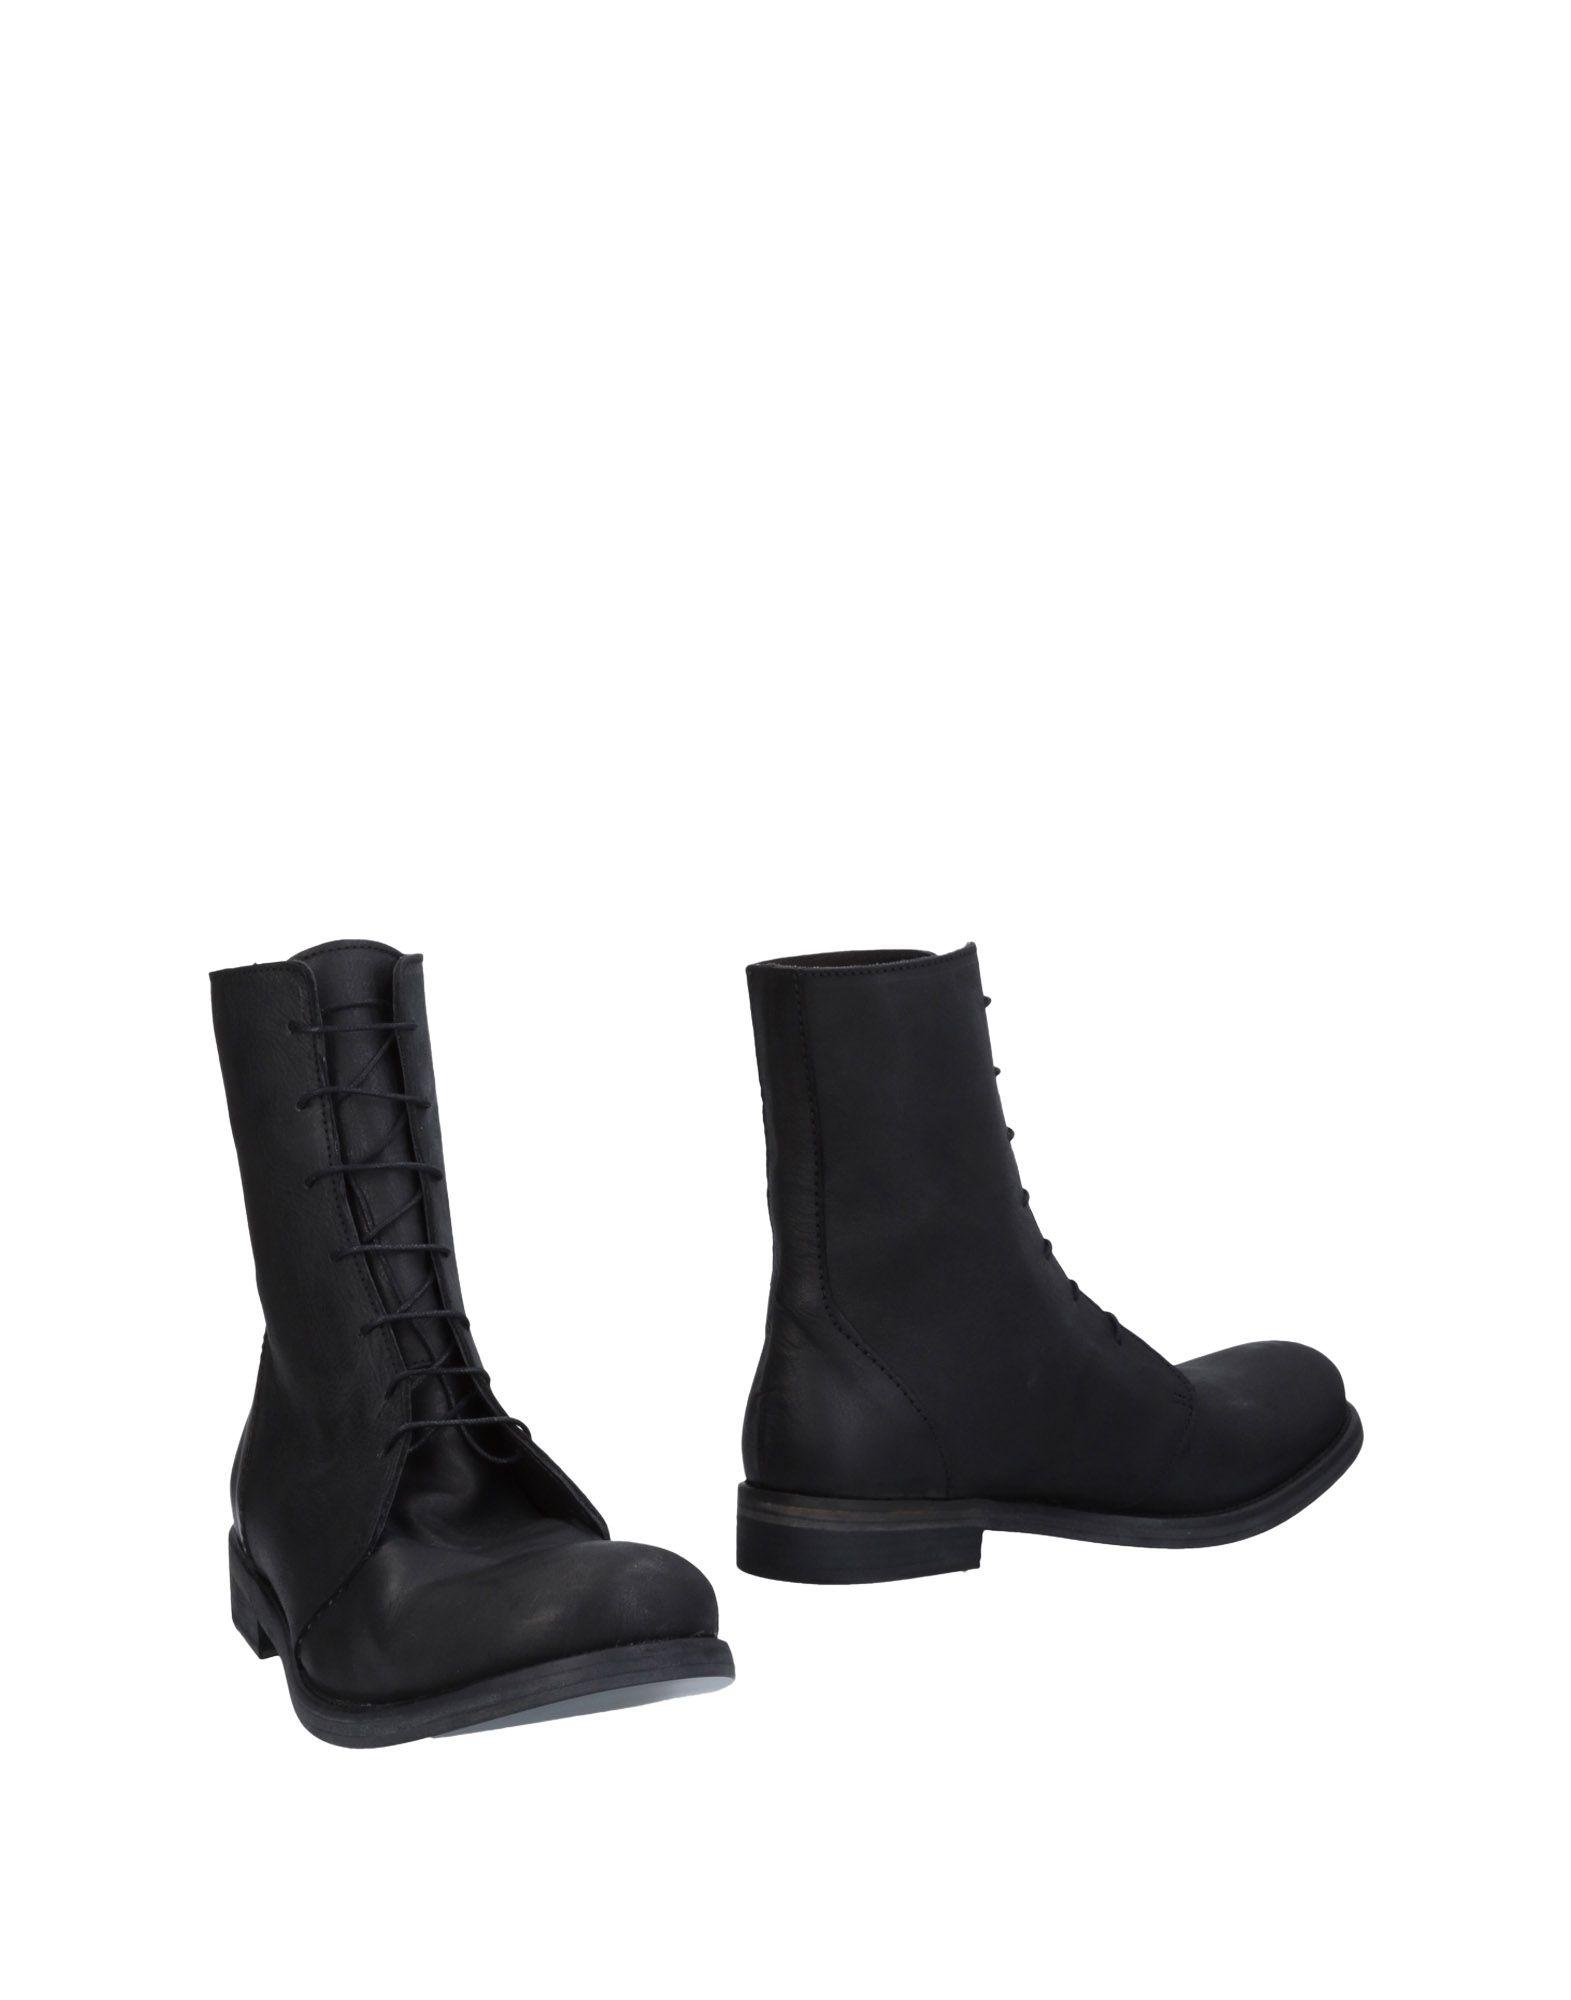 Nostrasantissima Stiefelette Gute Herren  11461138RK Gute Stiefelette Qualität beliebte Schuhe 97b2e7